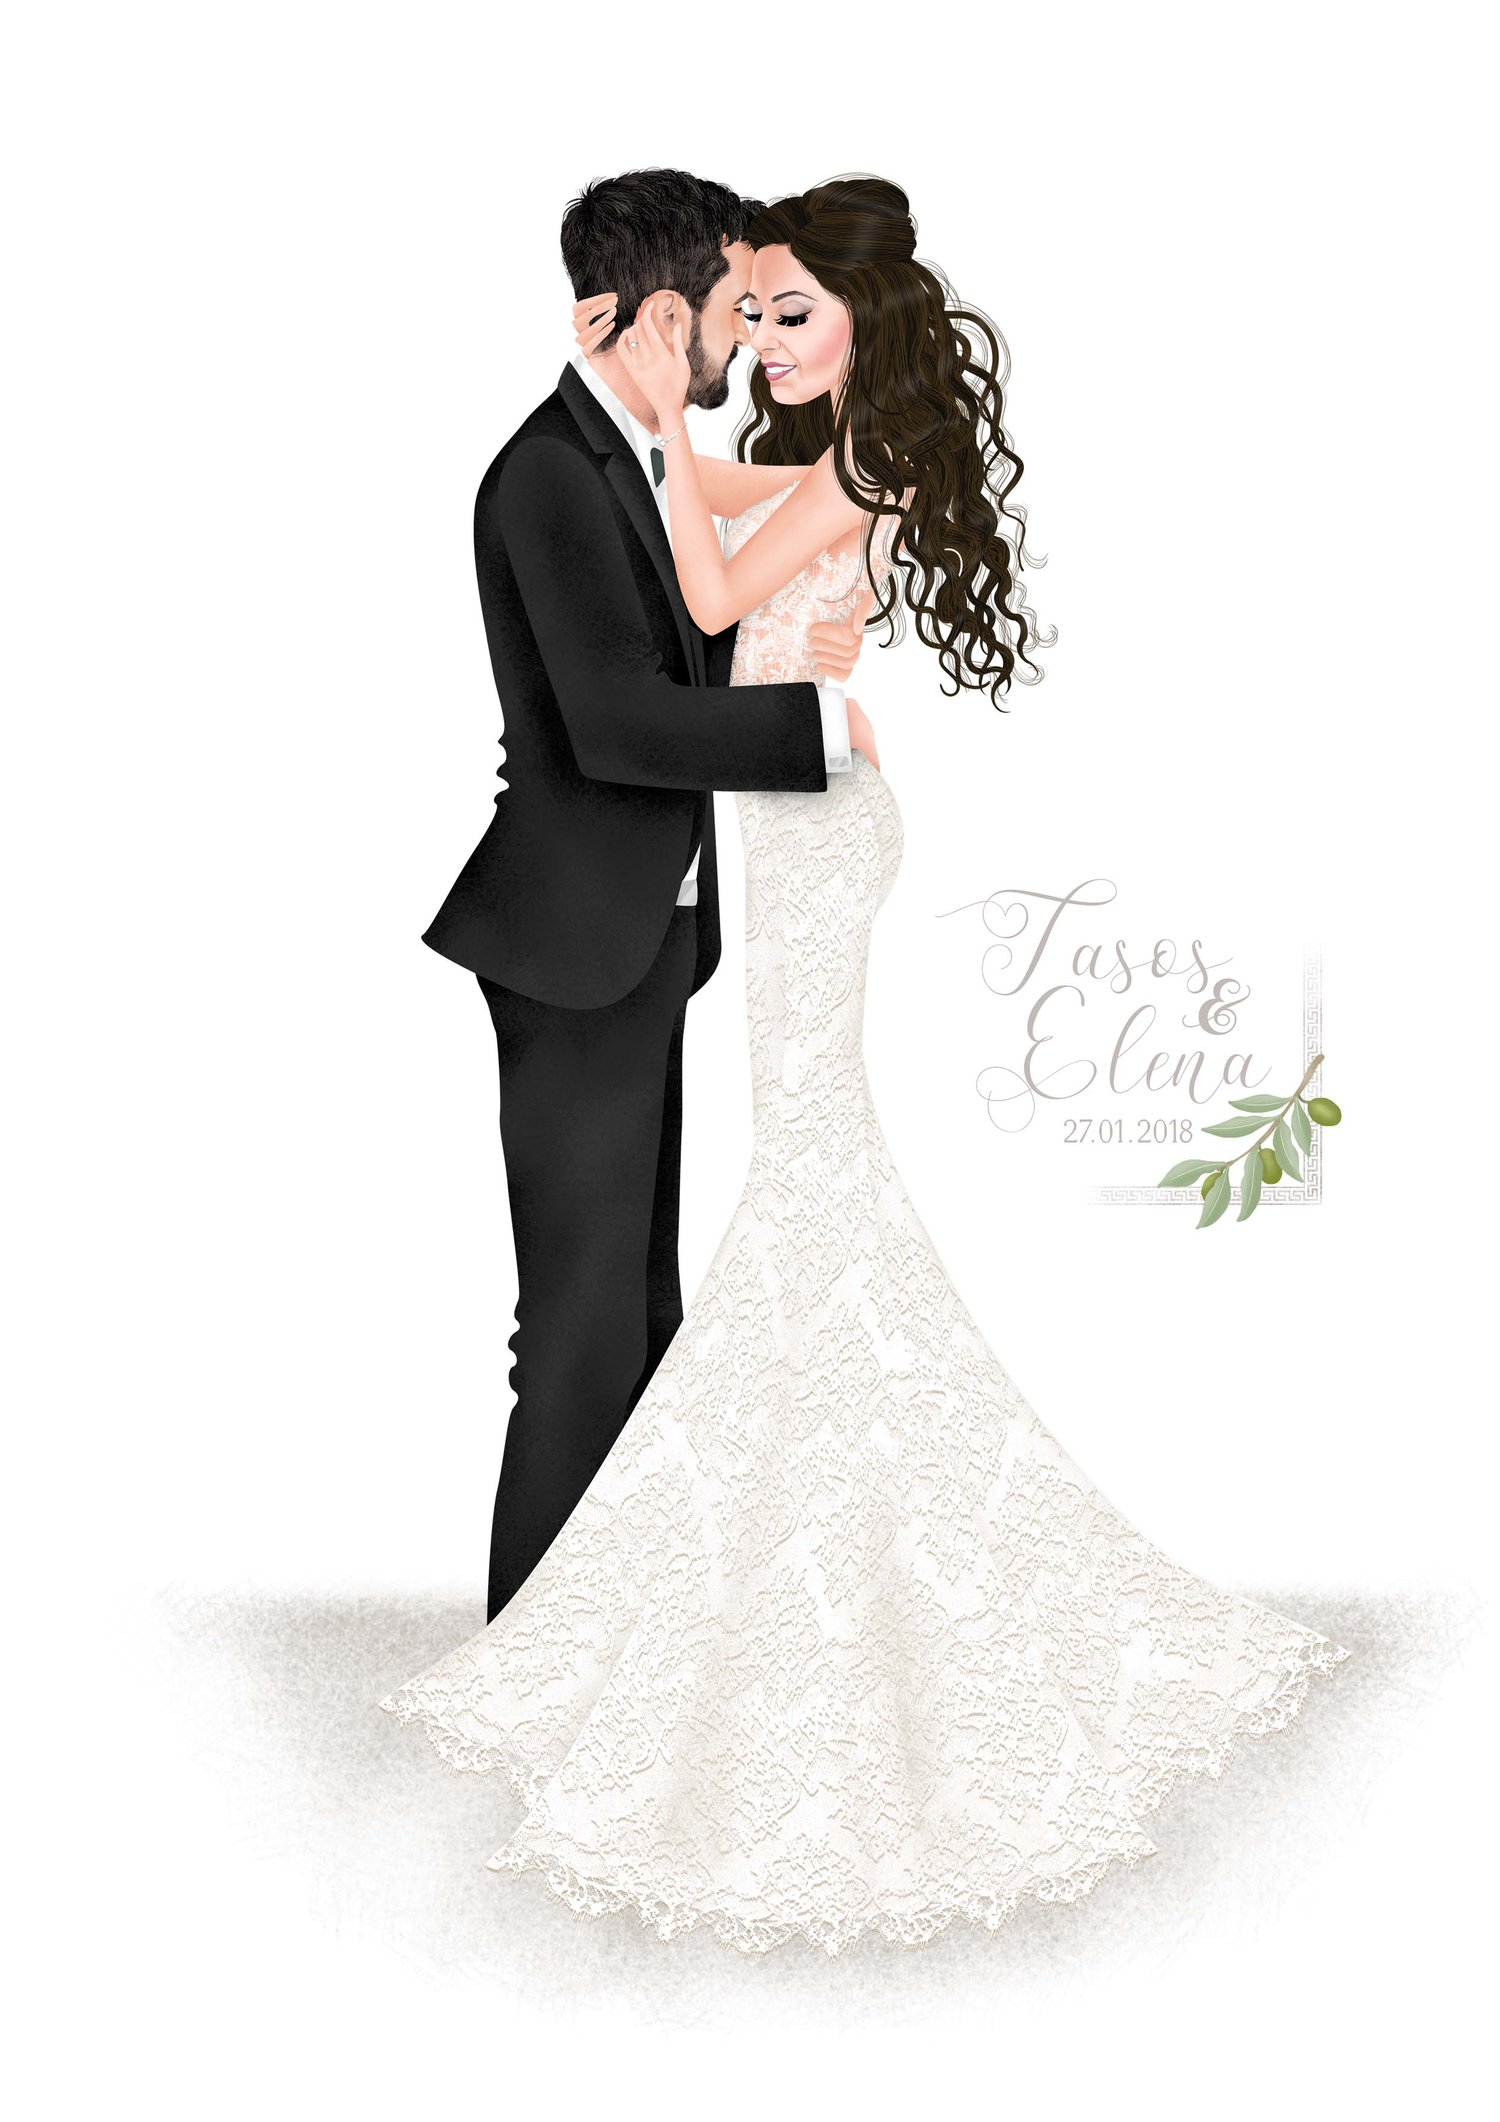 Wedding Portraits — Hannah Weeks Illustration